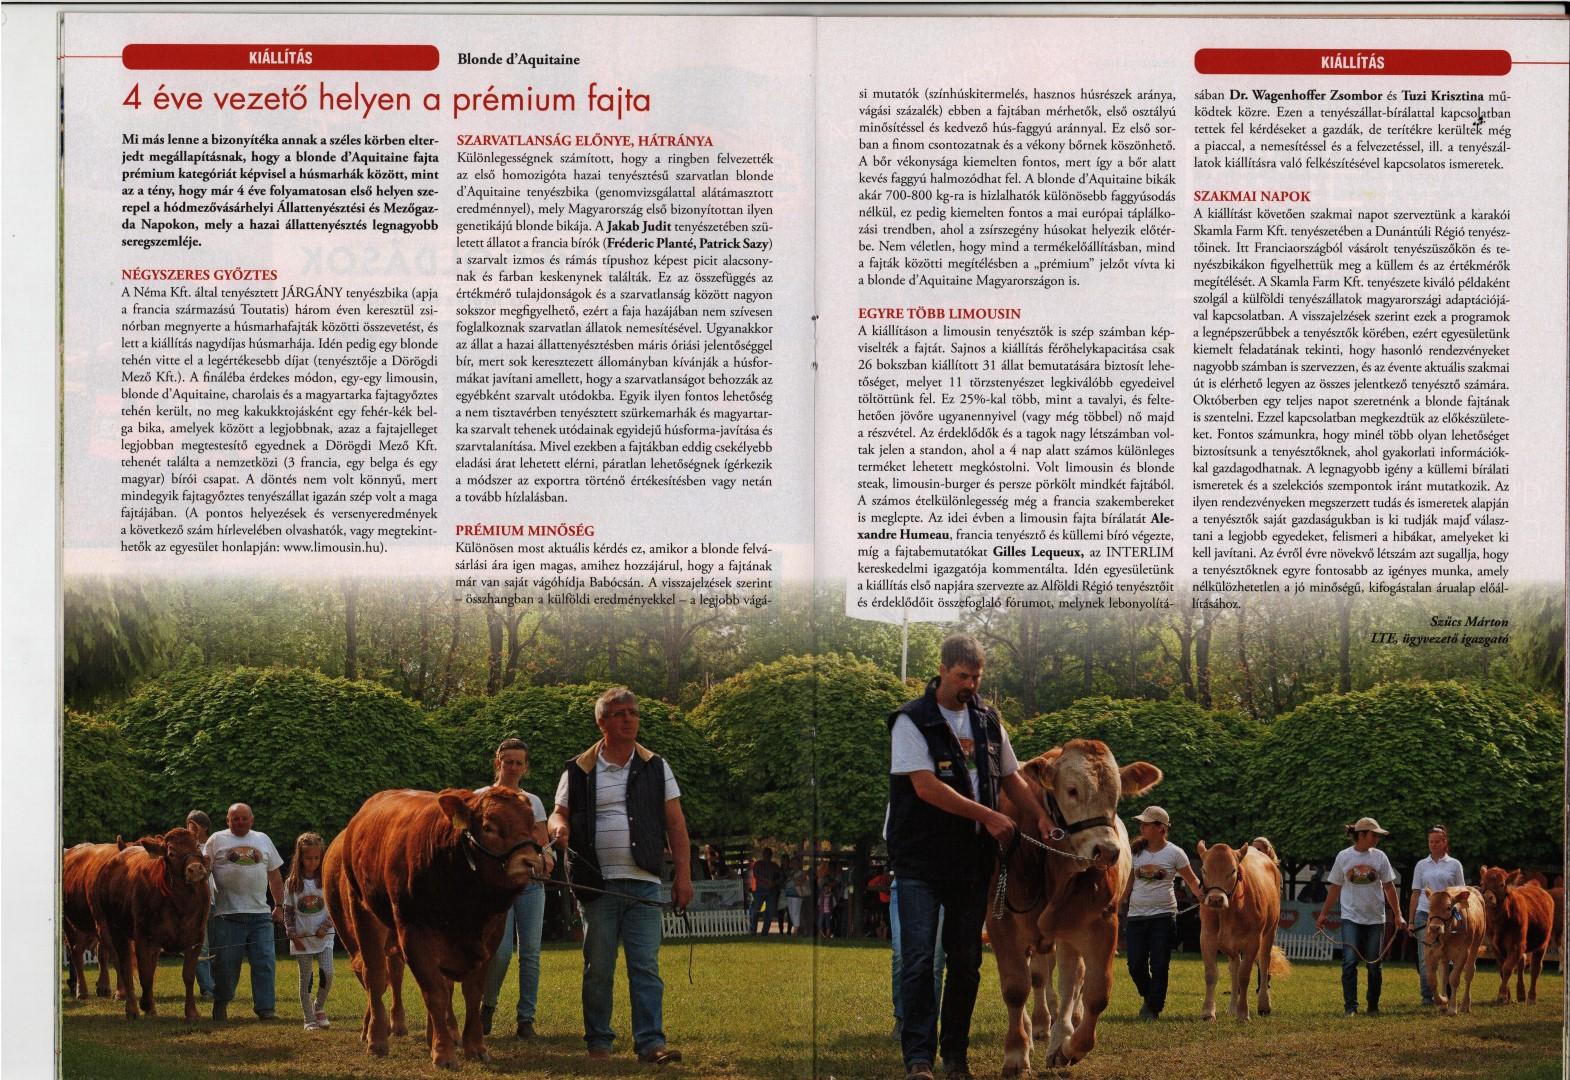 Megjelent A Magyar Állattenyésztők Szövetsége folyóirata XLIV. évfolyam (új évfolyam XXI.) 6. számában